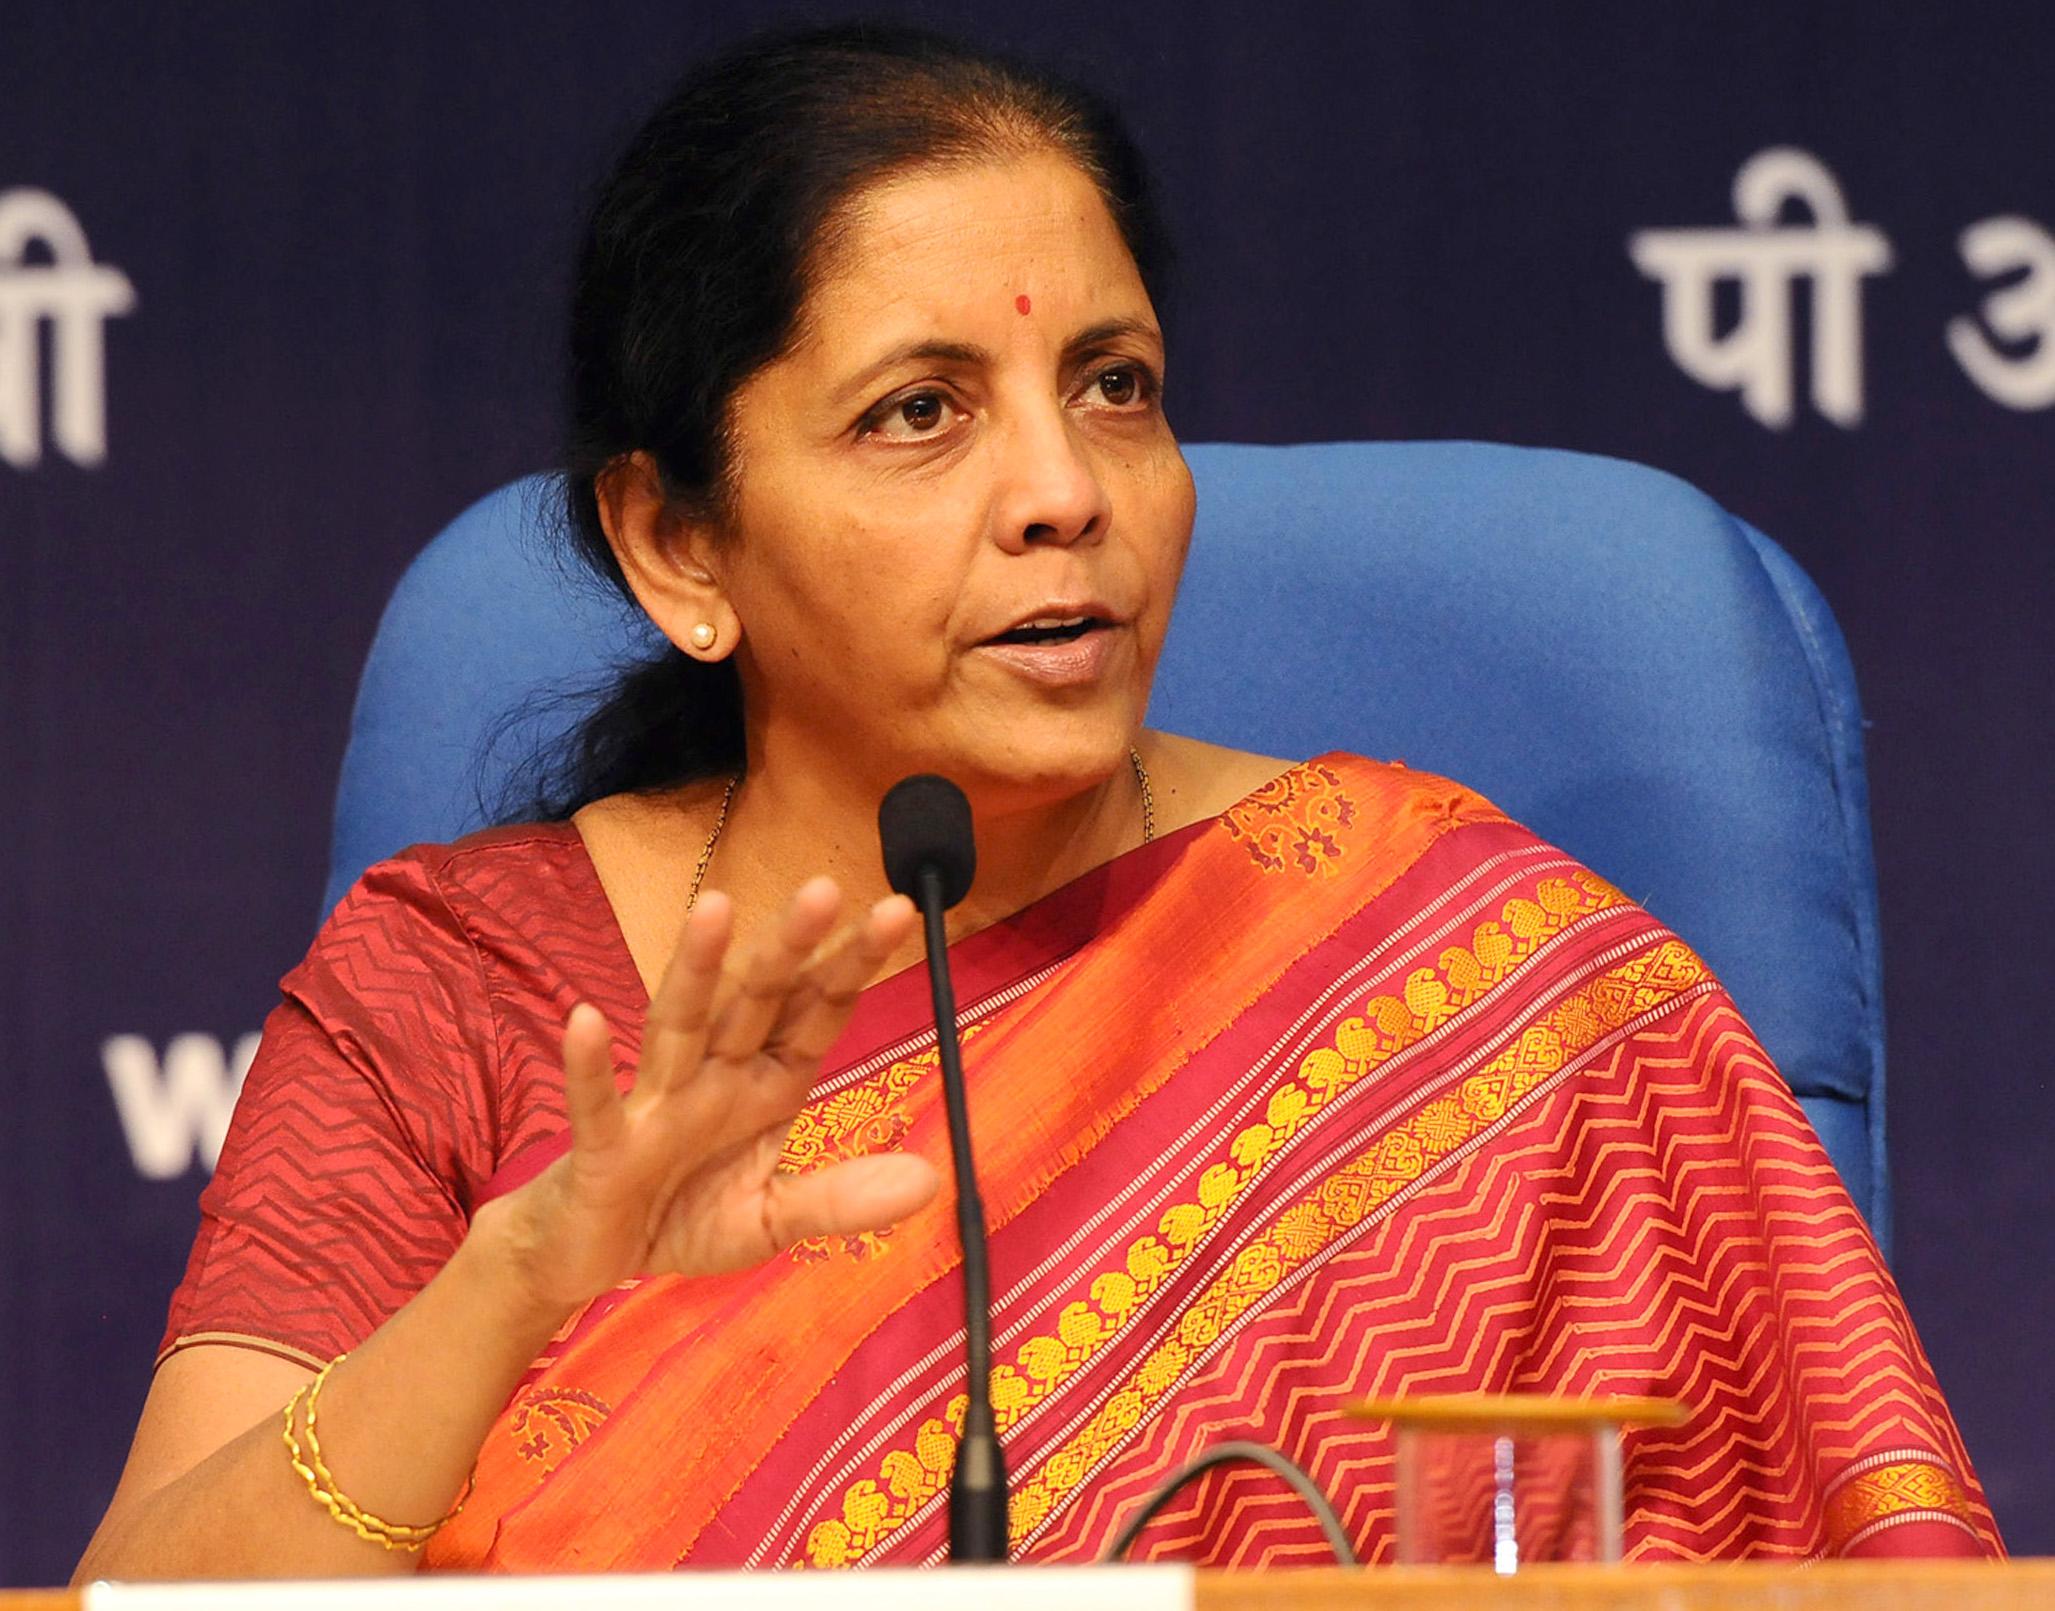 Nirmala Sitharaman - Wikipedia